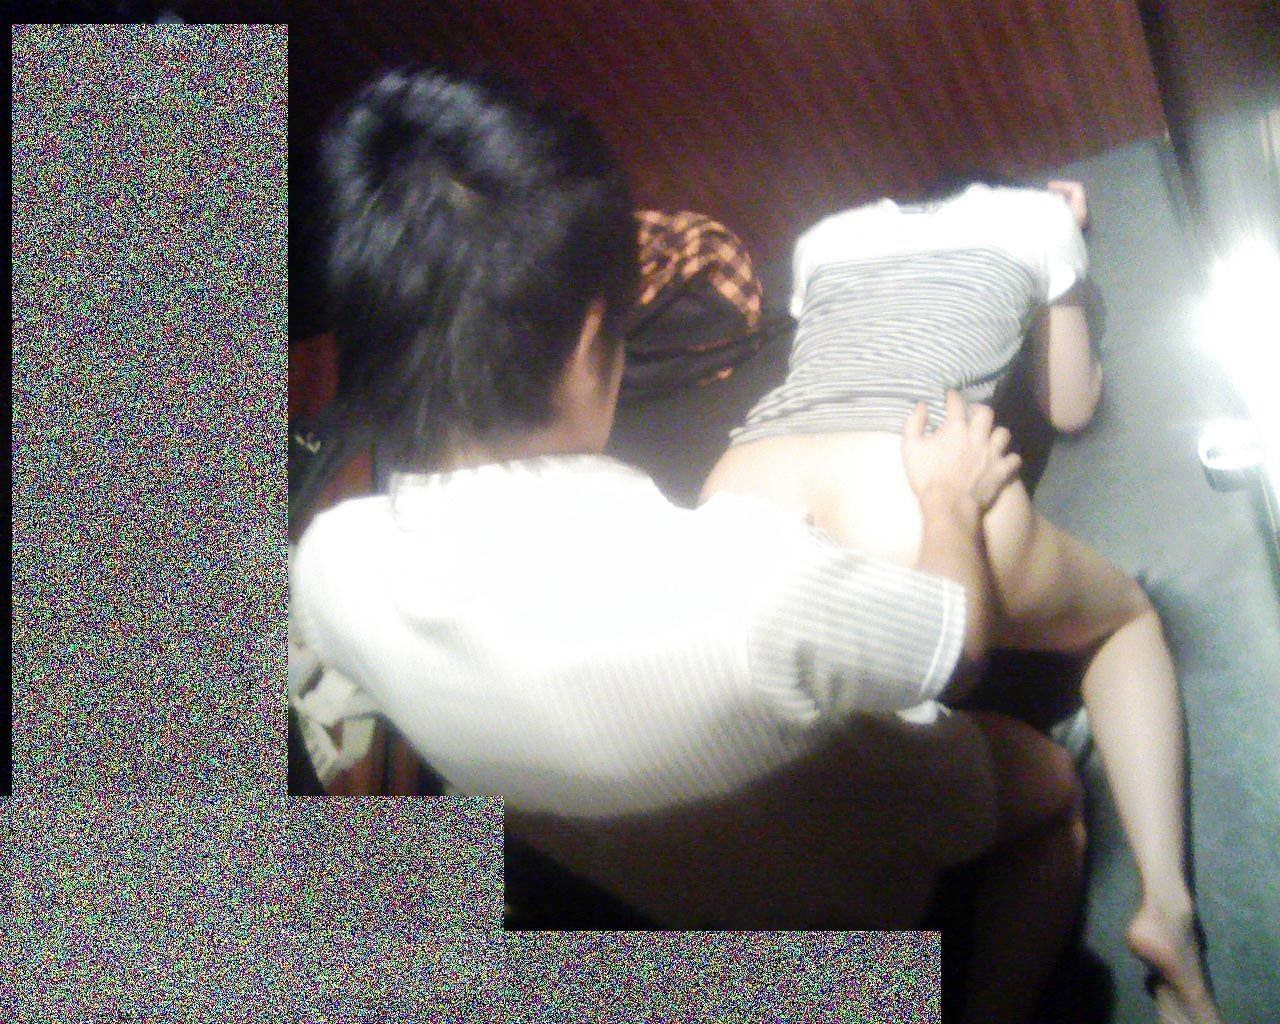 フェラとかセックスしてるのバレバレだからぁぁぁ!漫喫・ネカフェでエッチしてるバカップルの盗撮画像www 1233